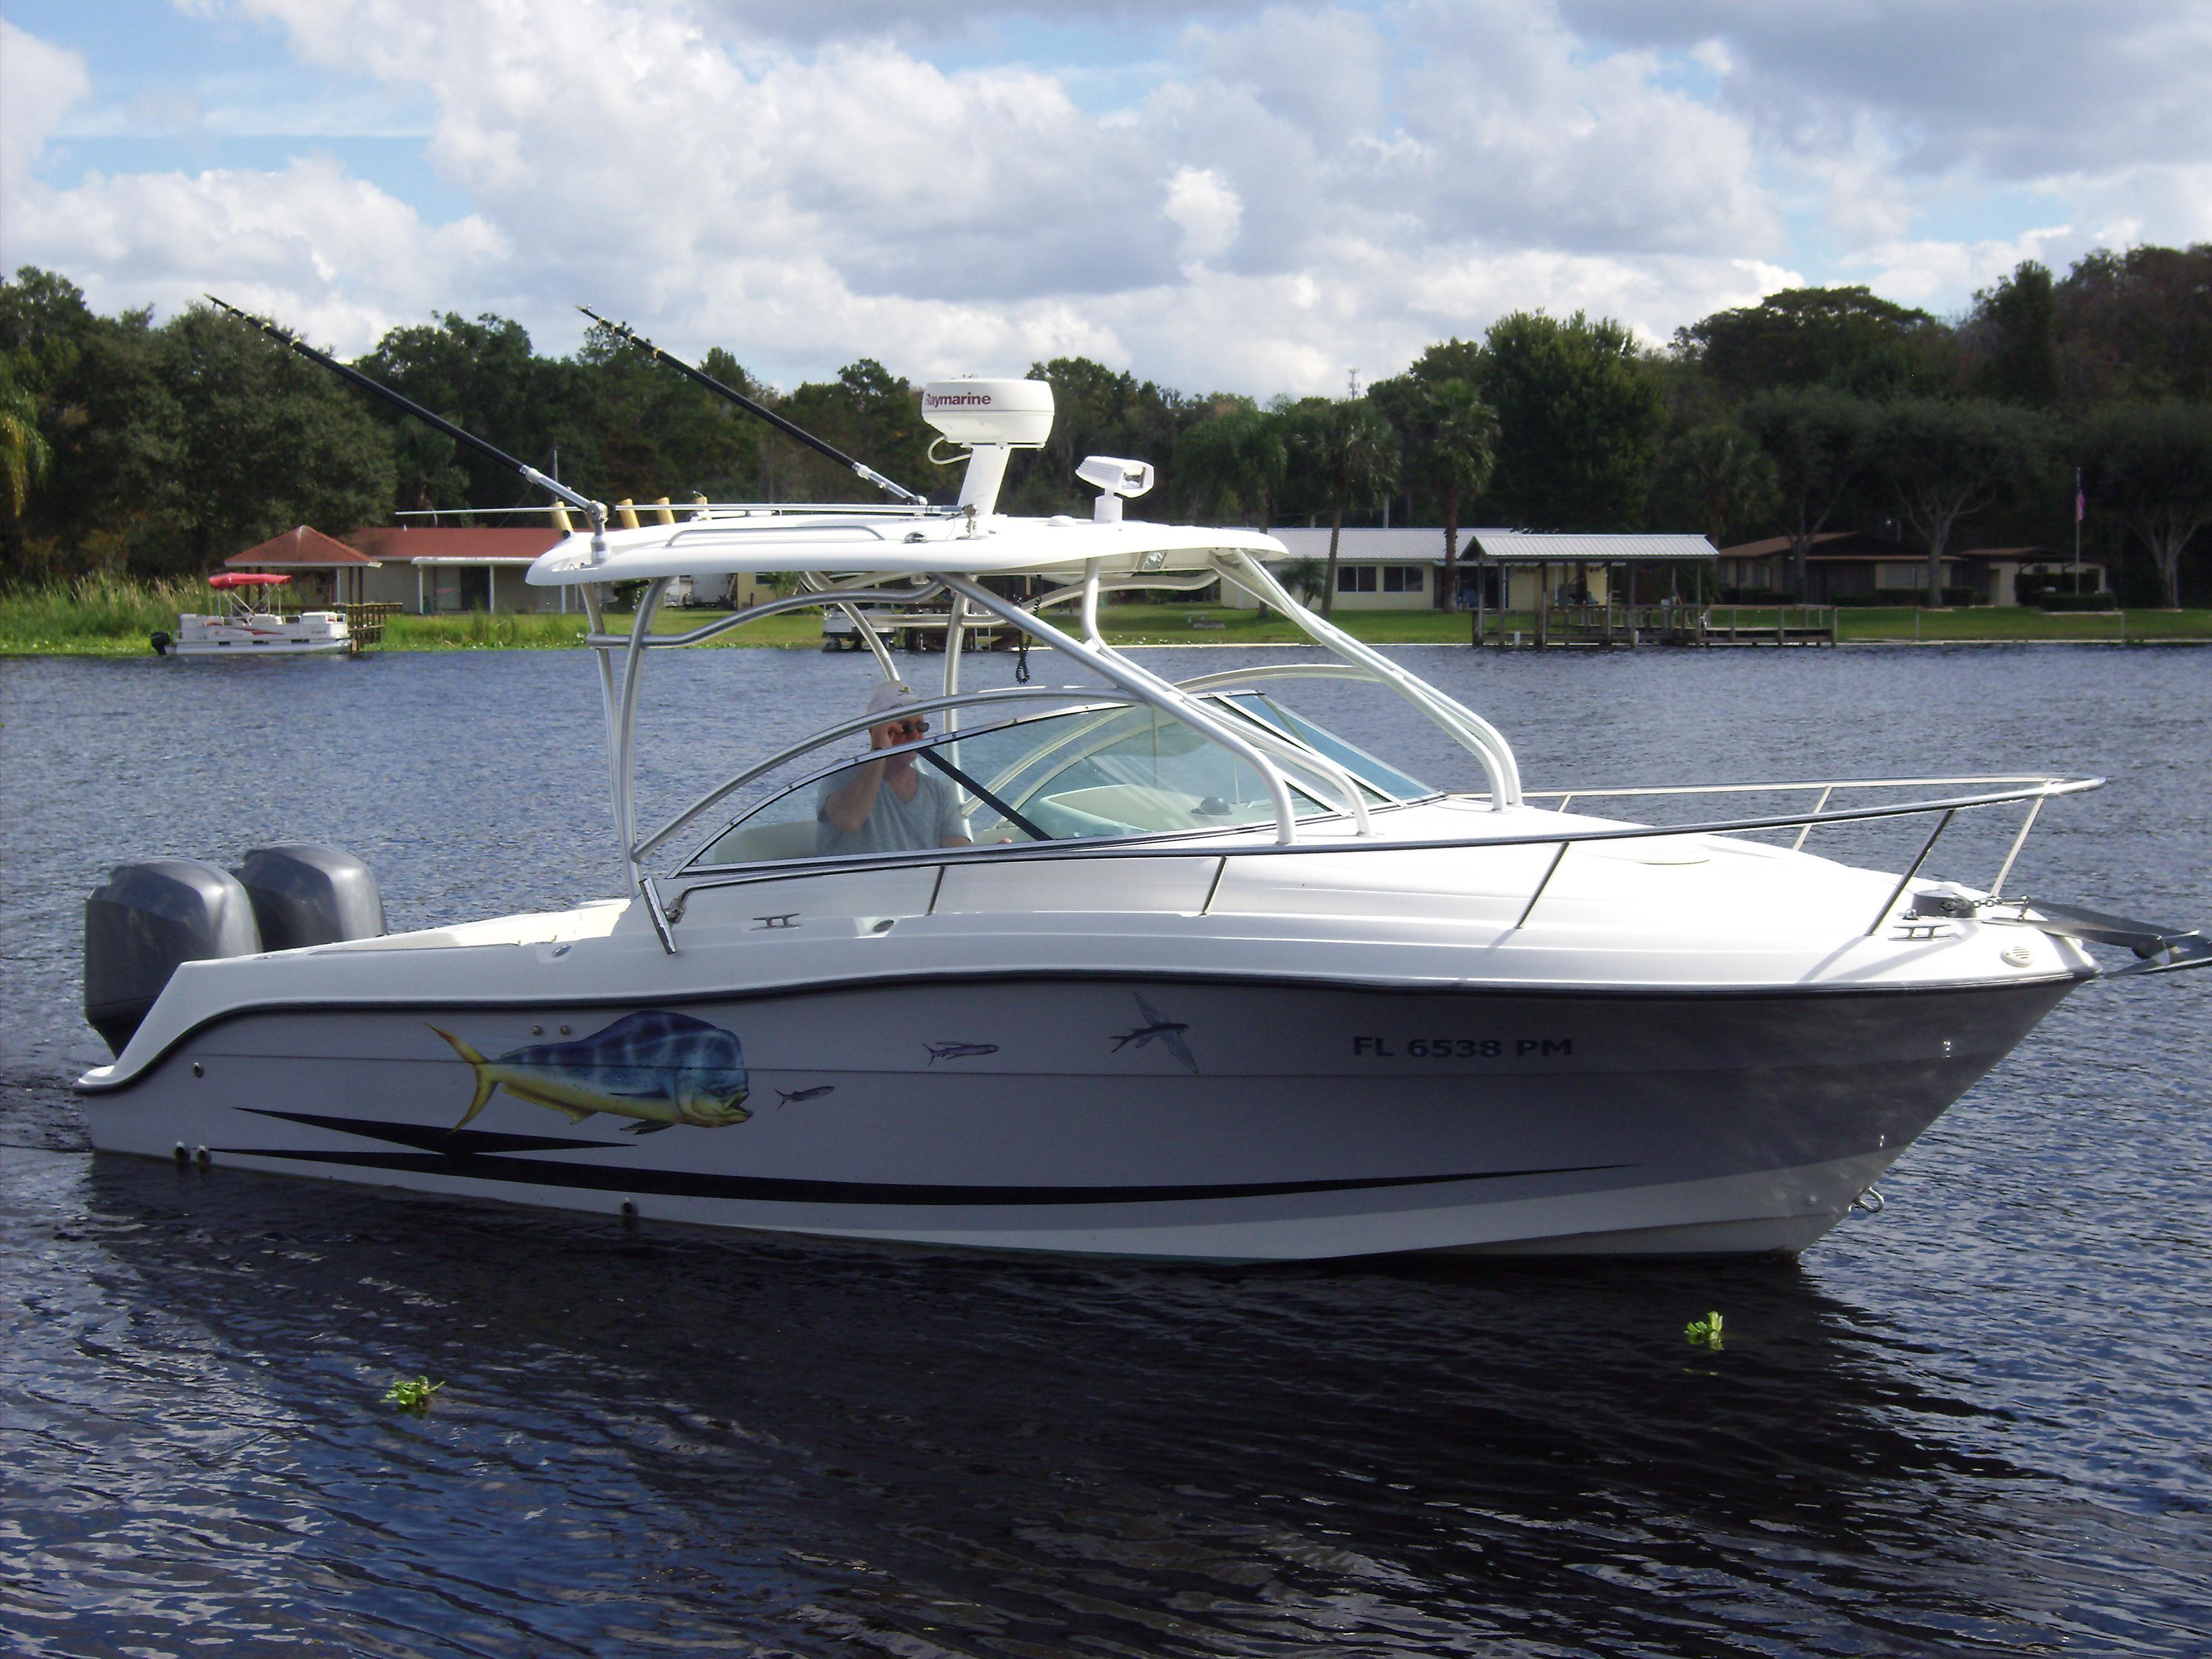 Hydra Sports 2500 VX, Barberville